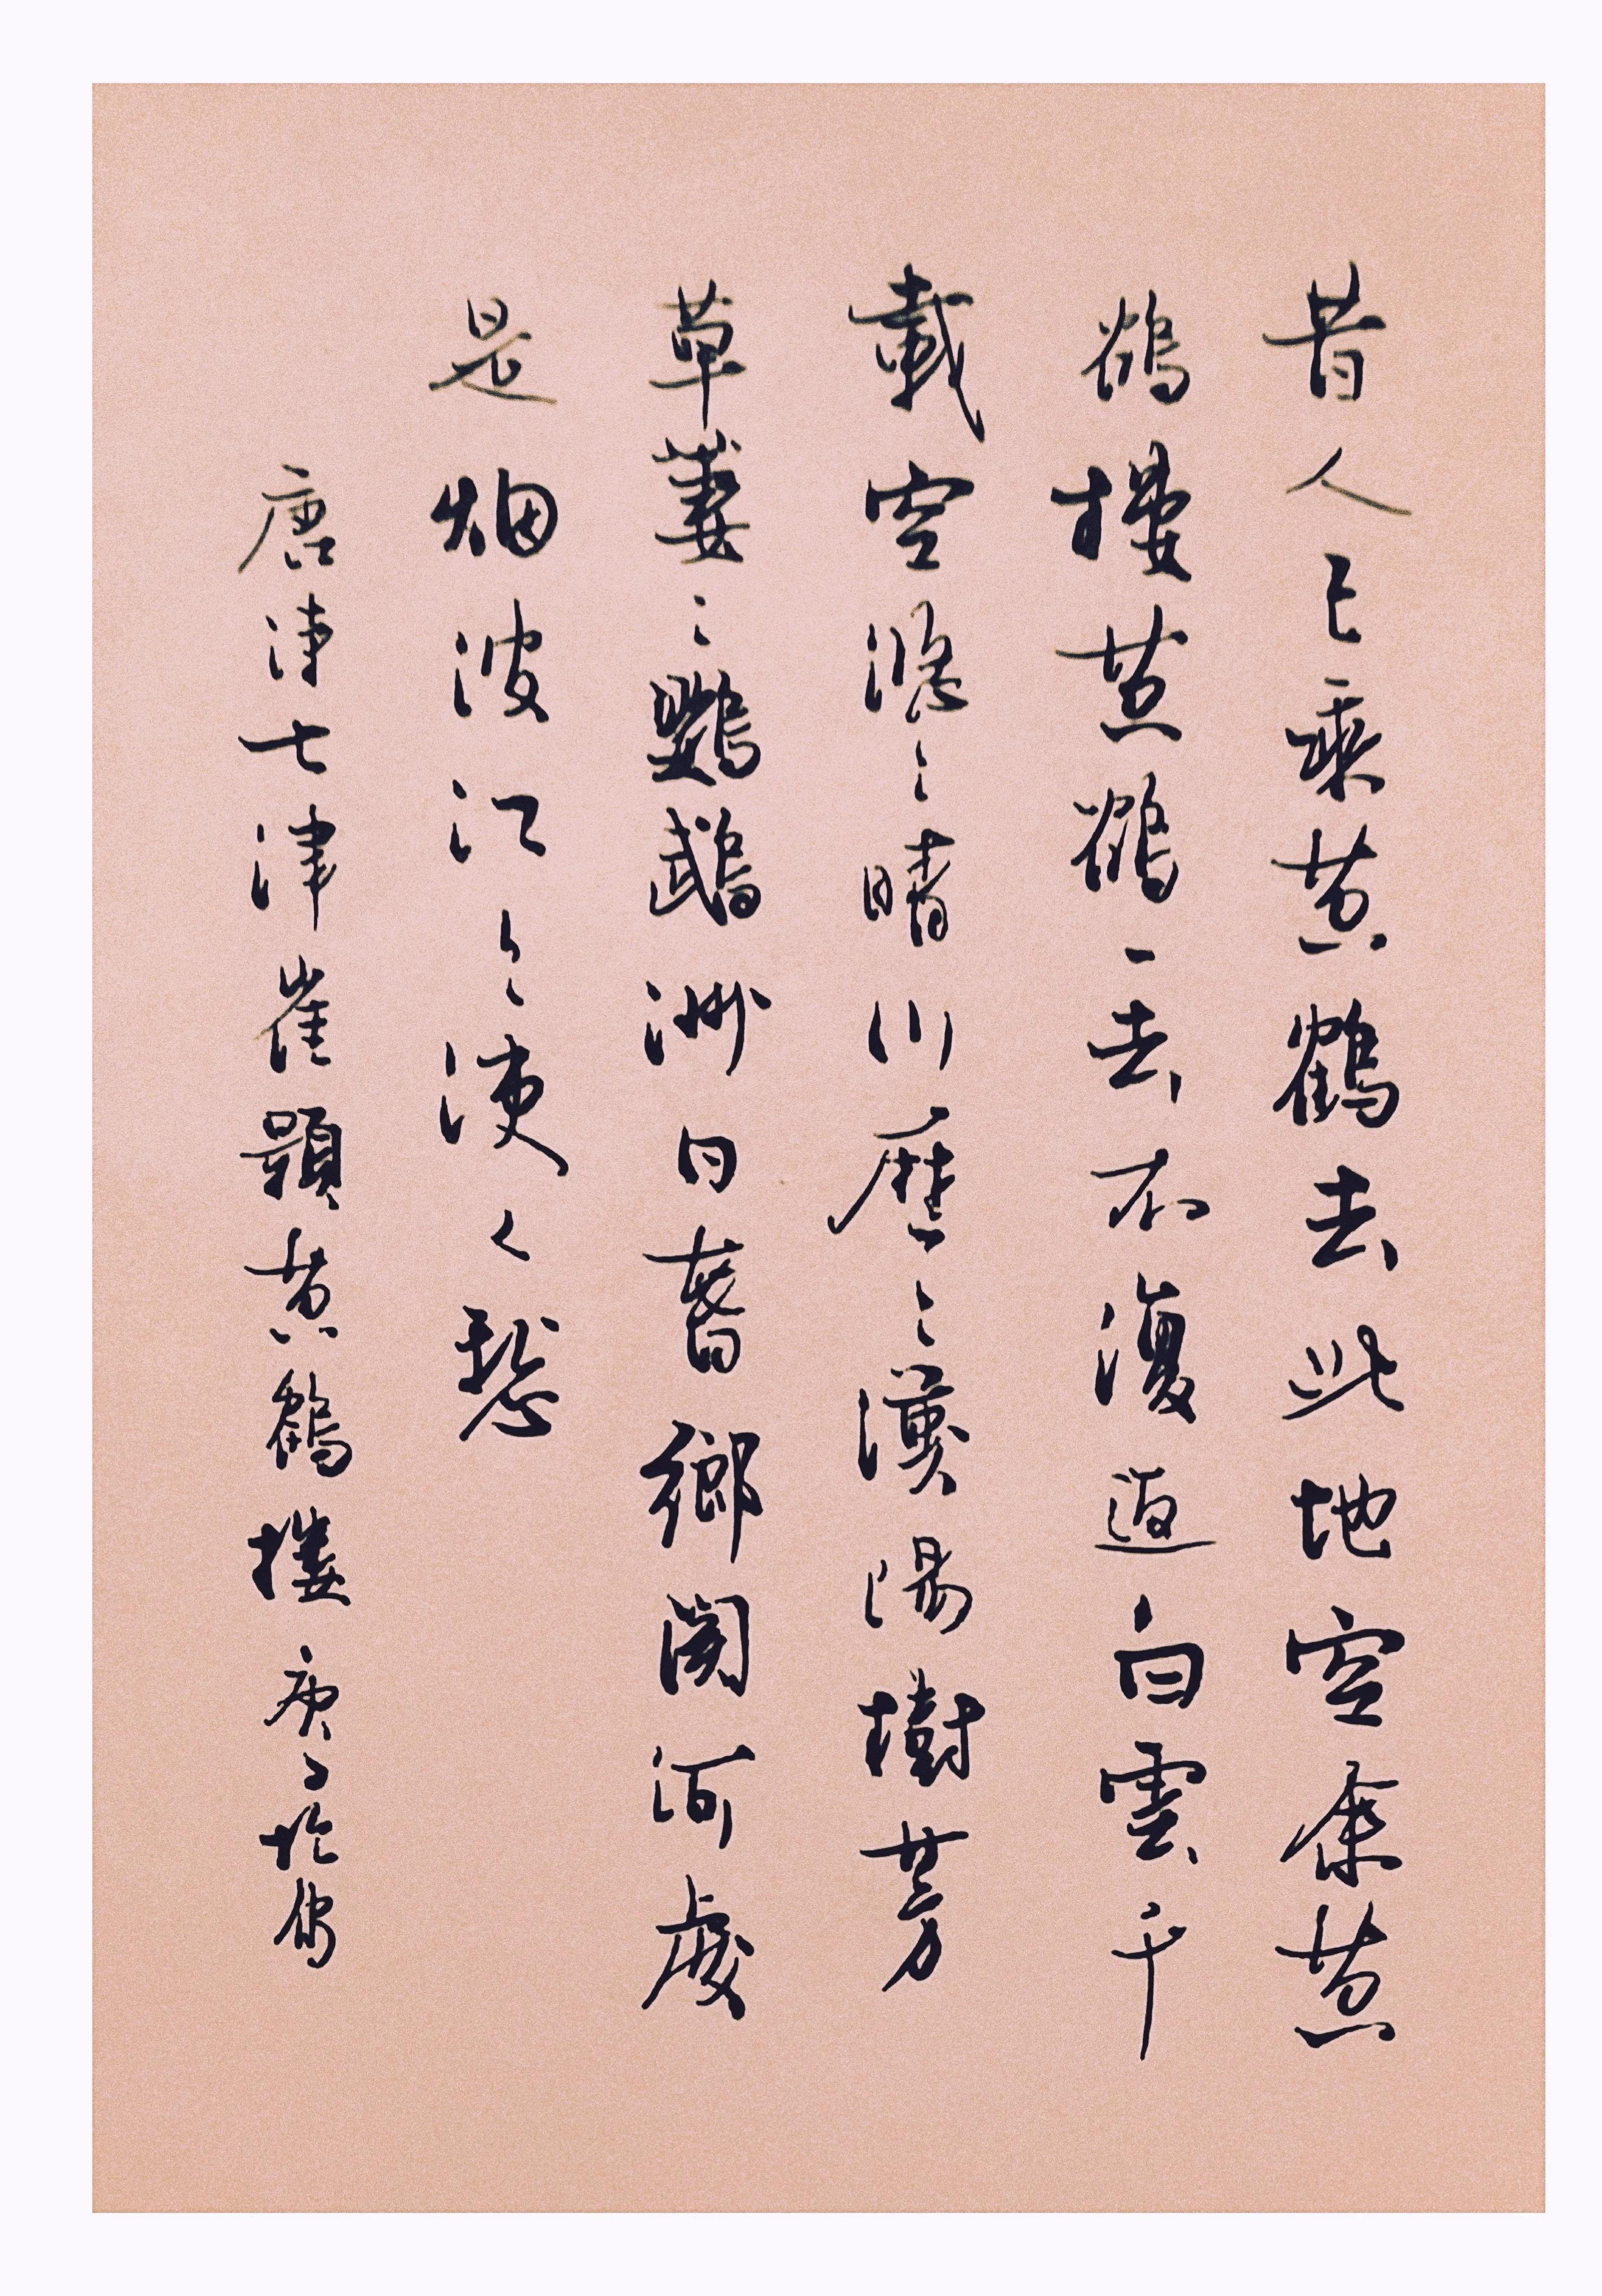 抱庸硬笔行书欣赏:这六首七言律诗,写出来就是为了流传千古的